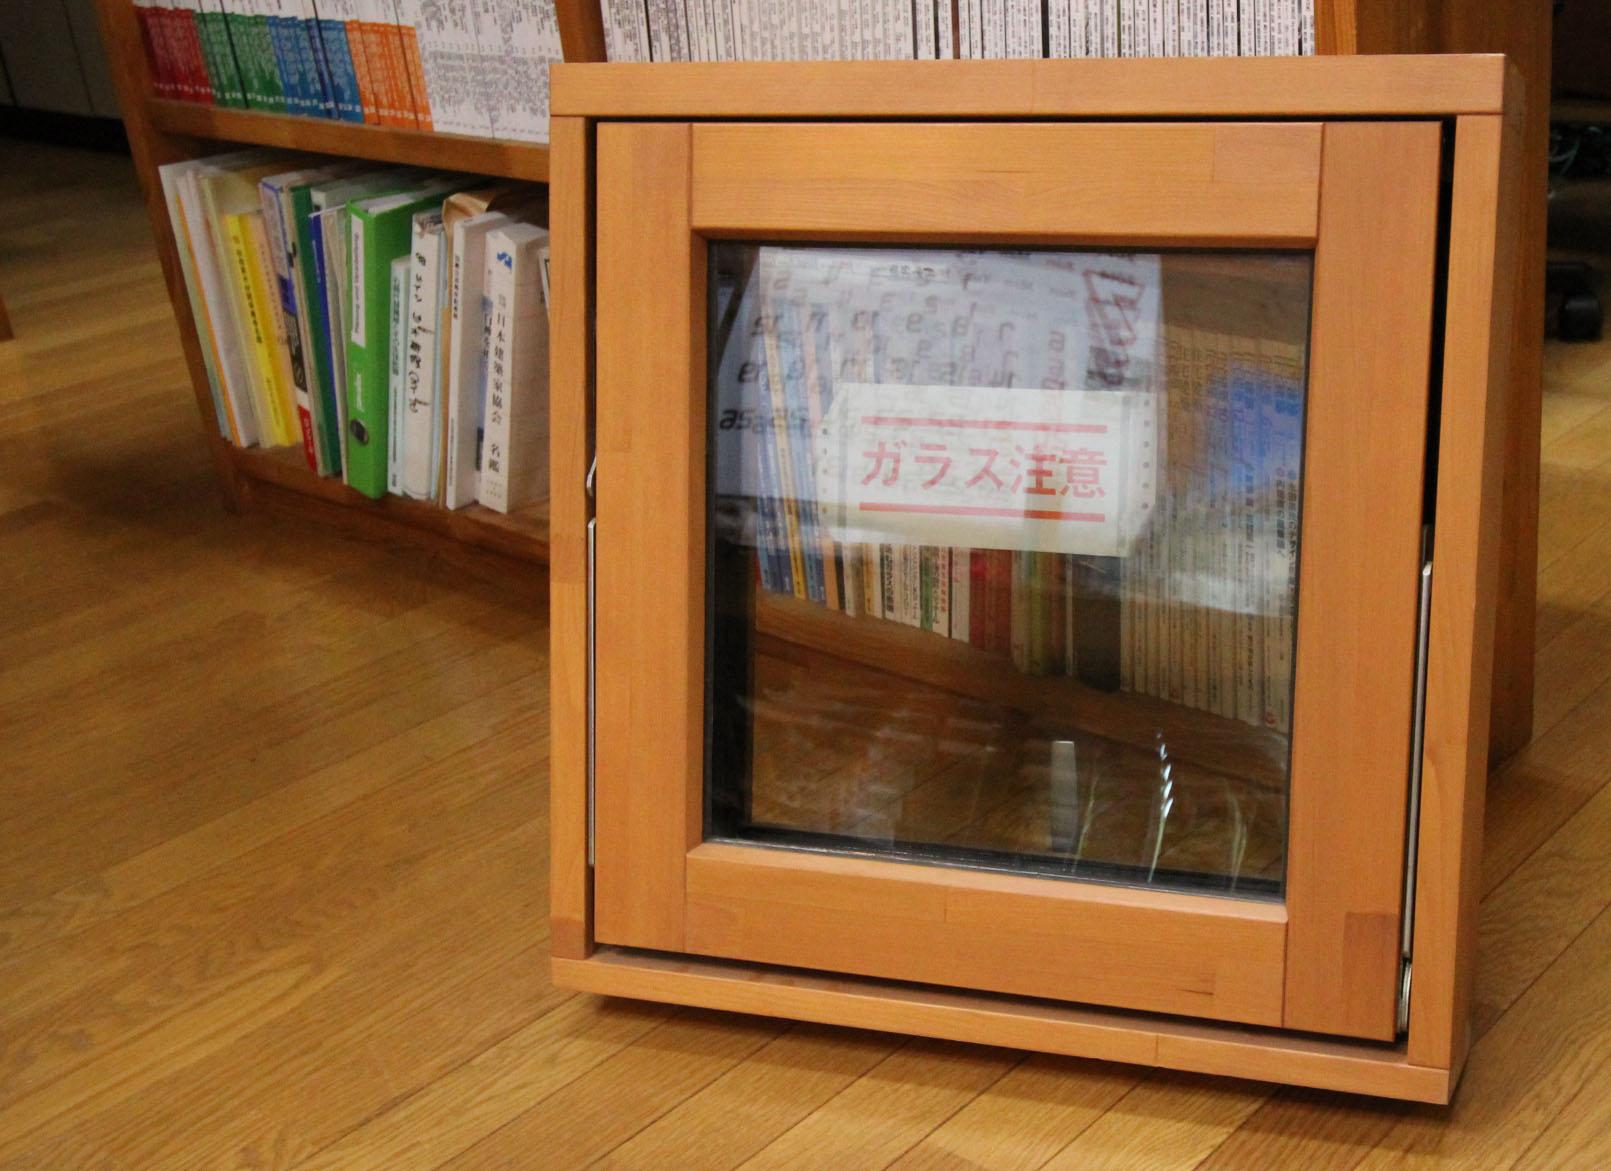 アルスの木製サッシのクワトロガラス_e0054299_11233874.jpg